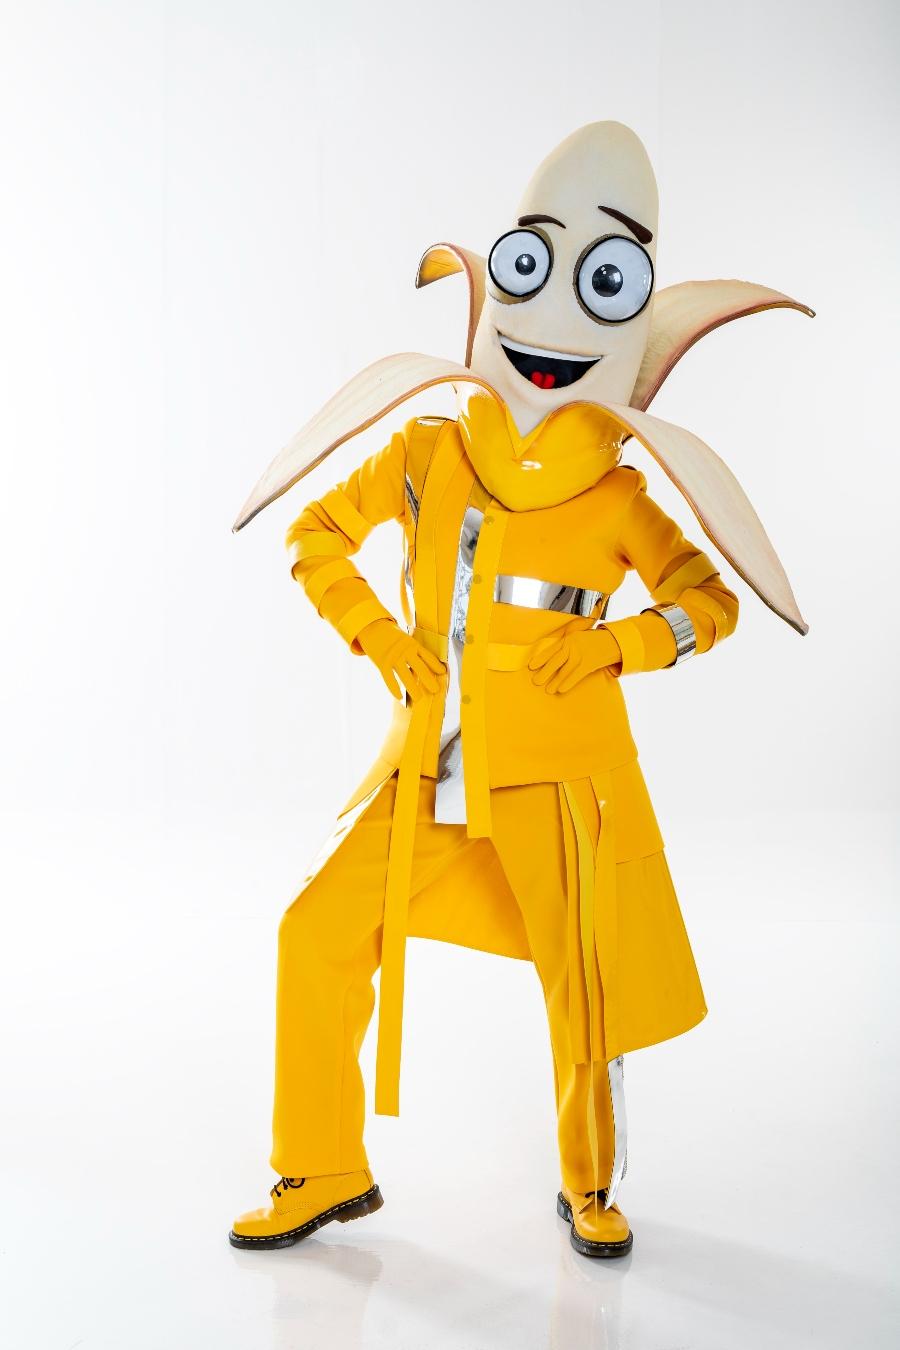 banana es uno de los personajes de quien es la mascara 2020